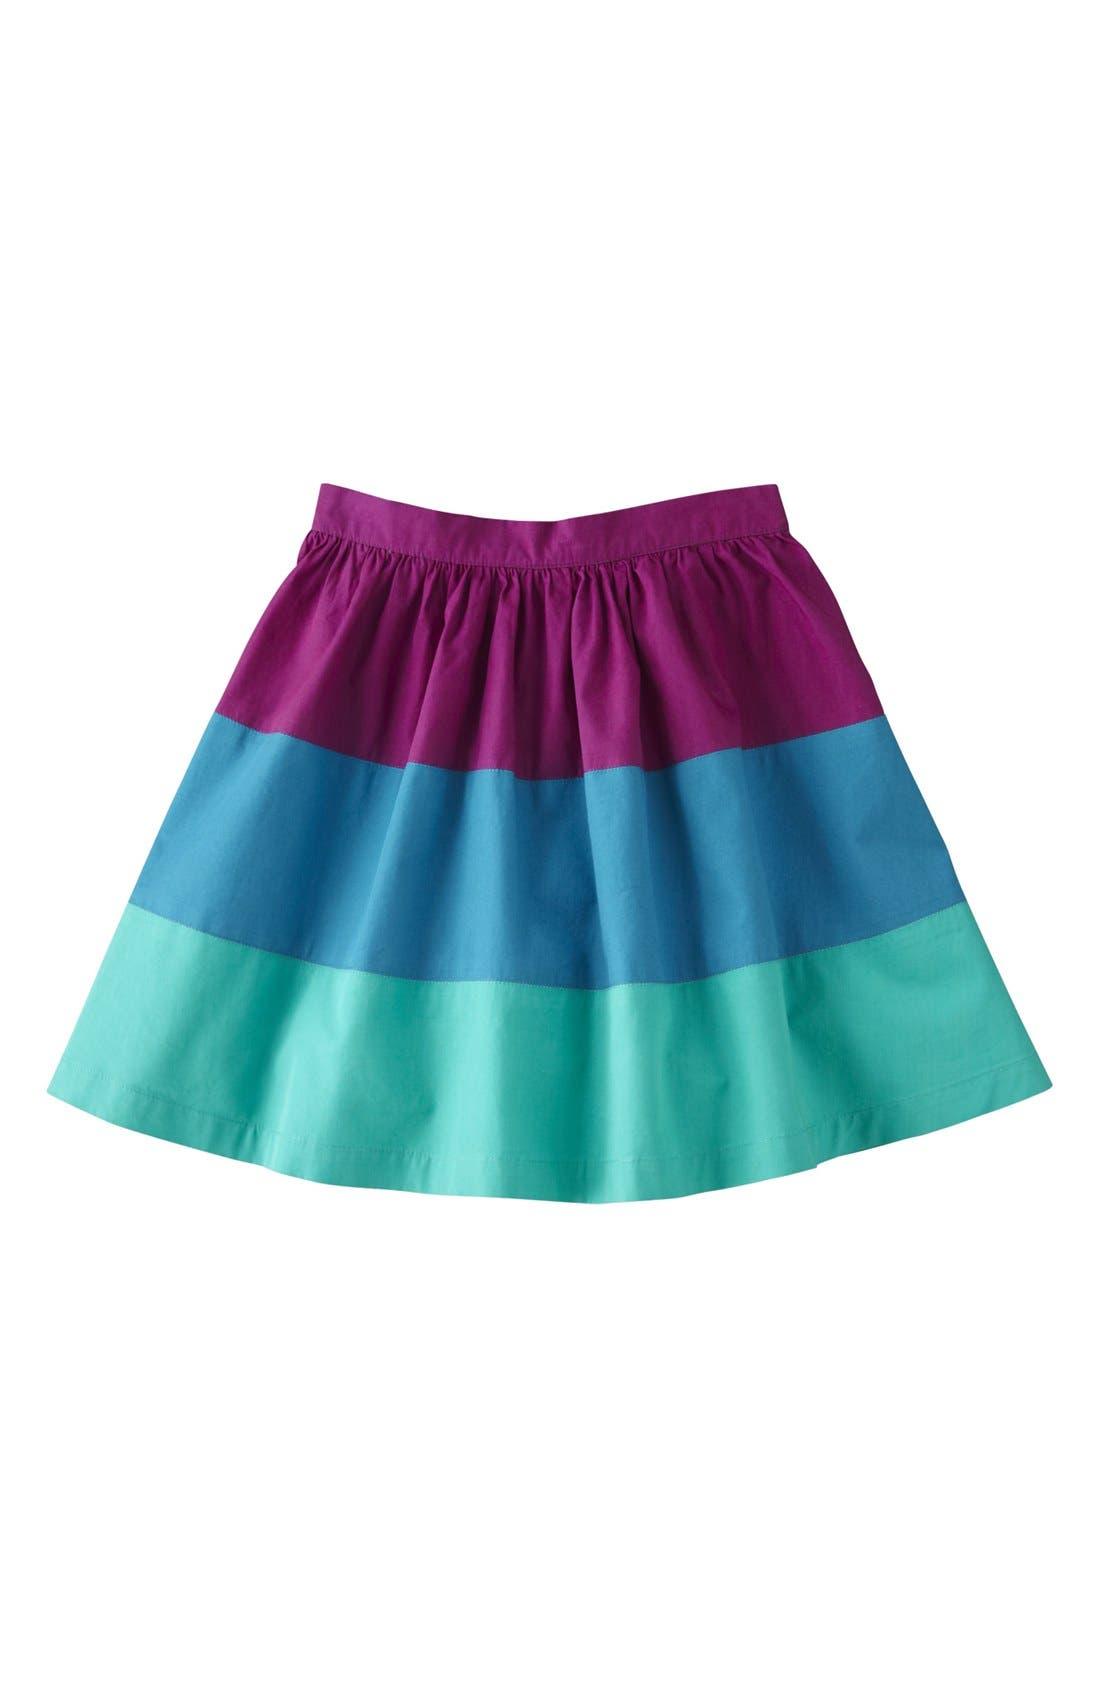 Main Image - Mini Boden Colorblock Skirt (Toddler Girls, Little Girls & Big Girls)